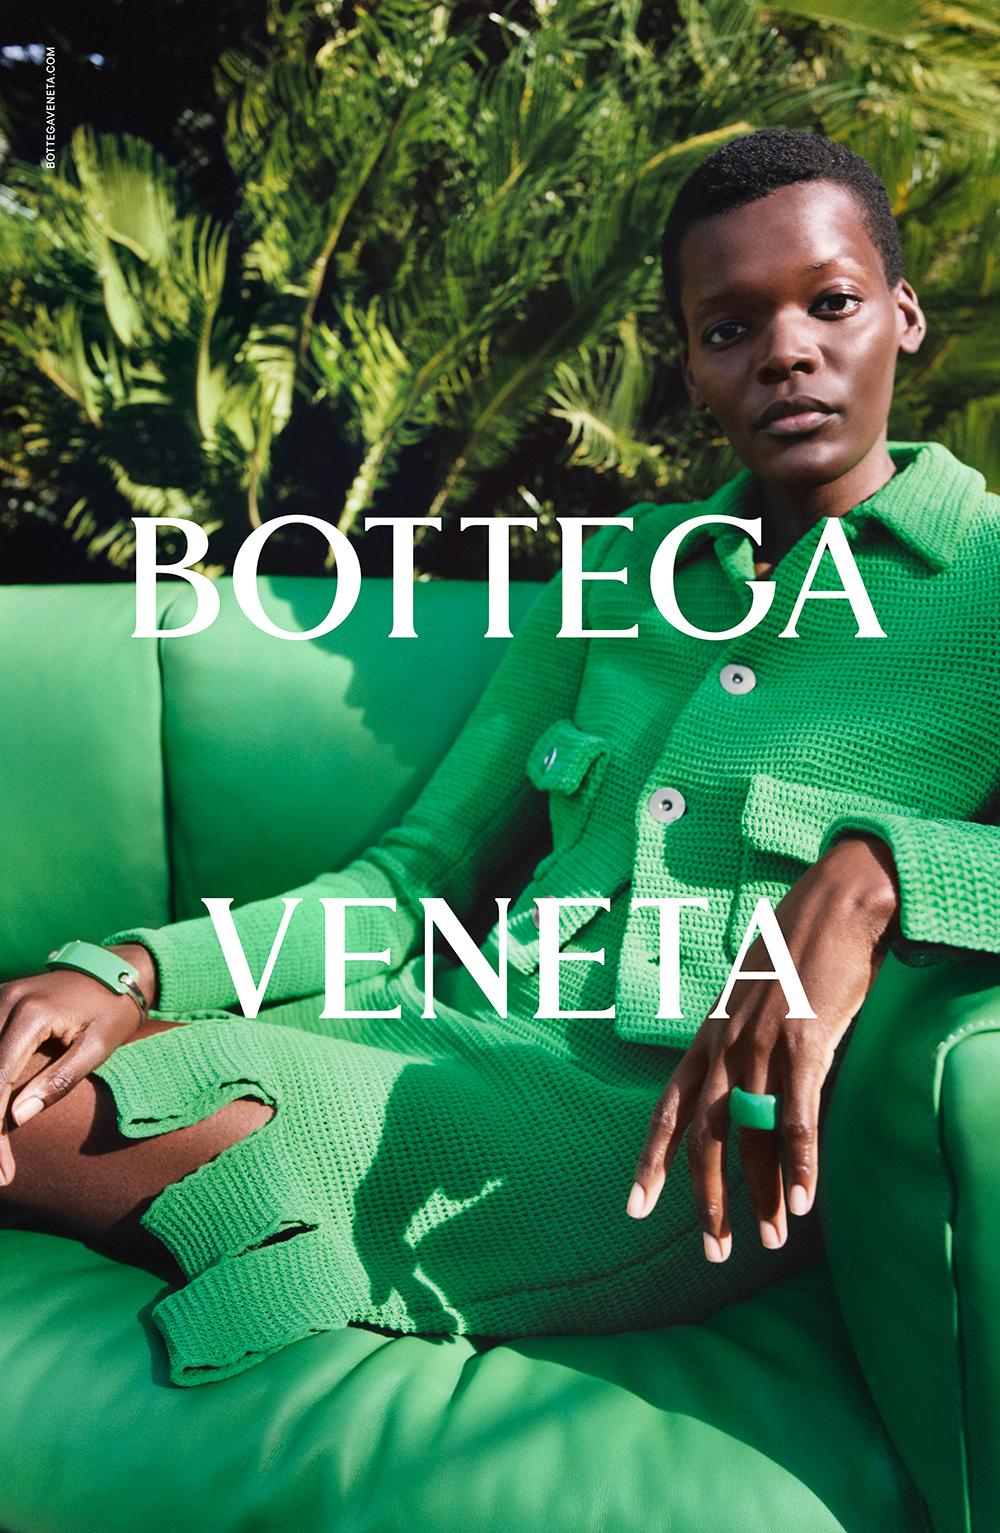 Trang phục màu xanh lá của hãng Bottega Veneta